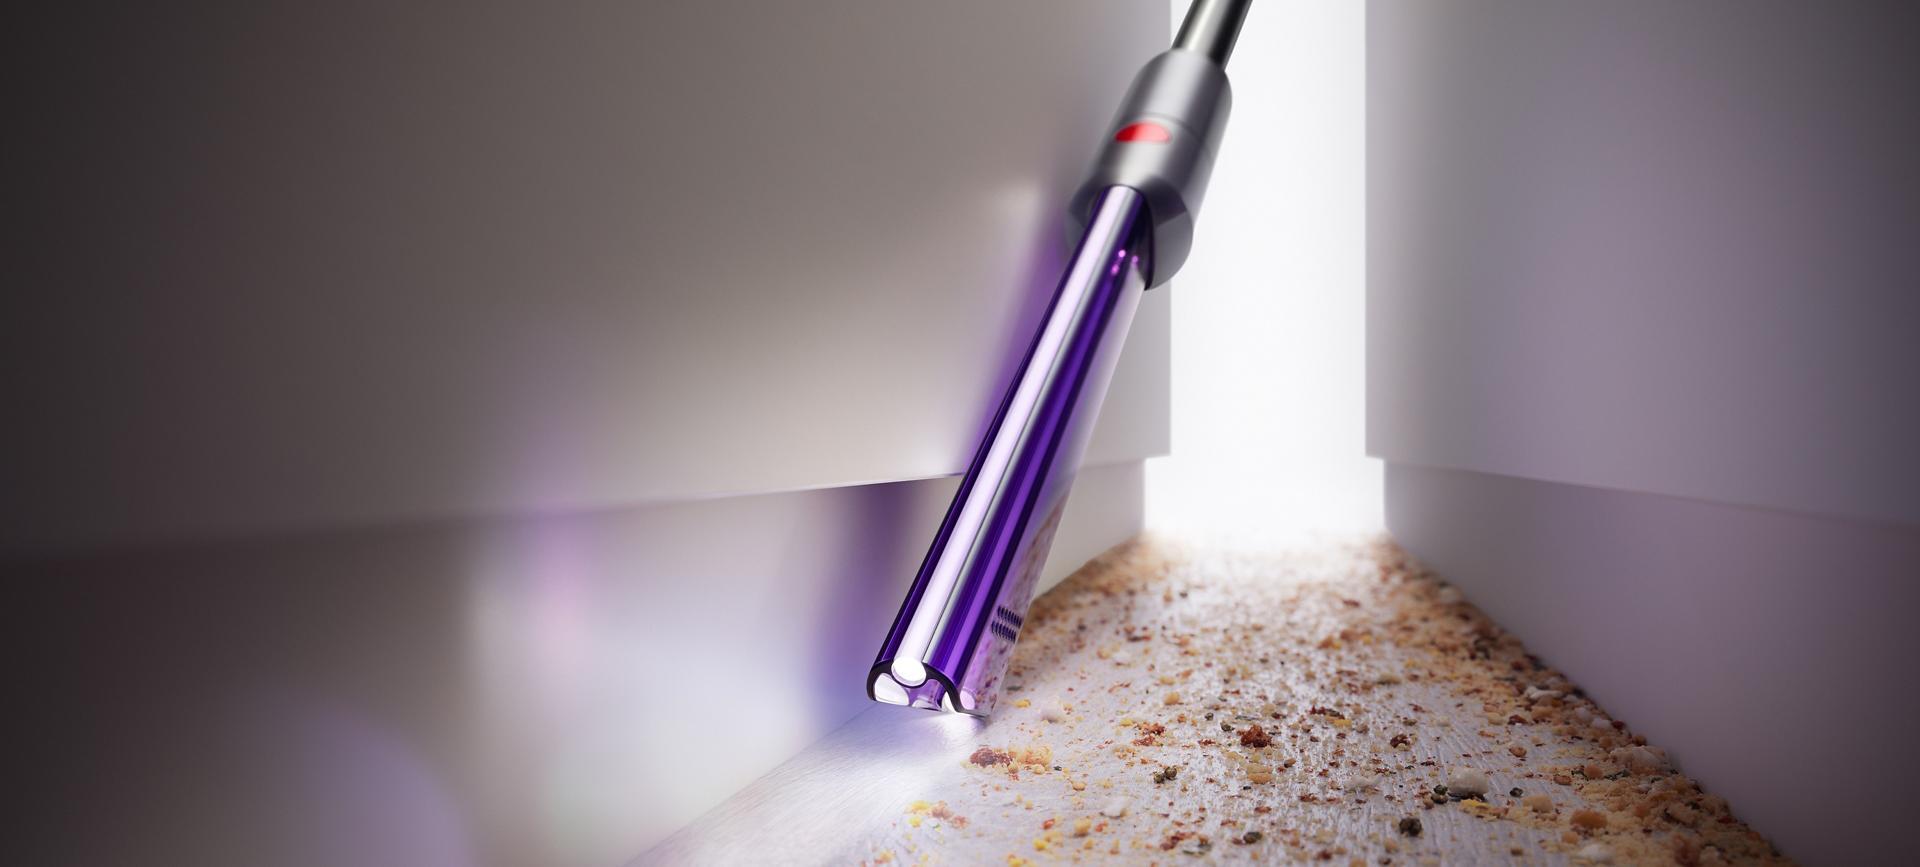 Công cụ hút khe kẽ có đèn chiếu sáng đang làm sạch giữa các ngăn tủ